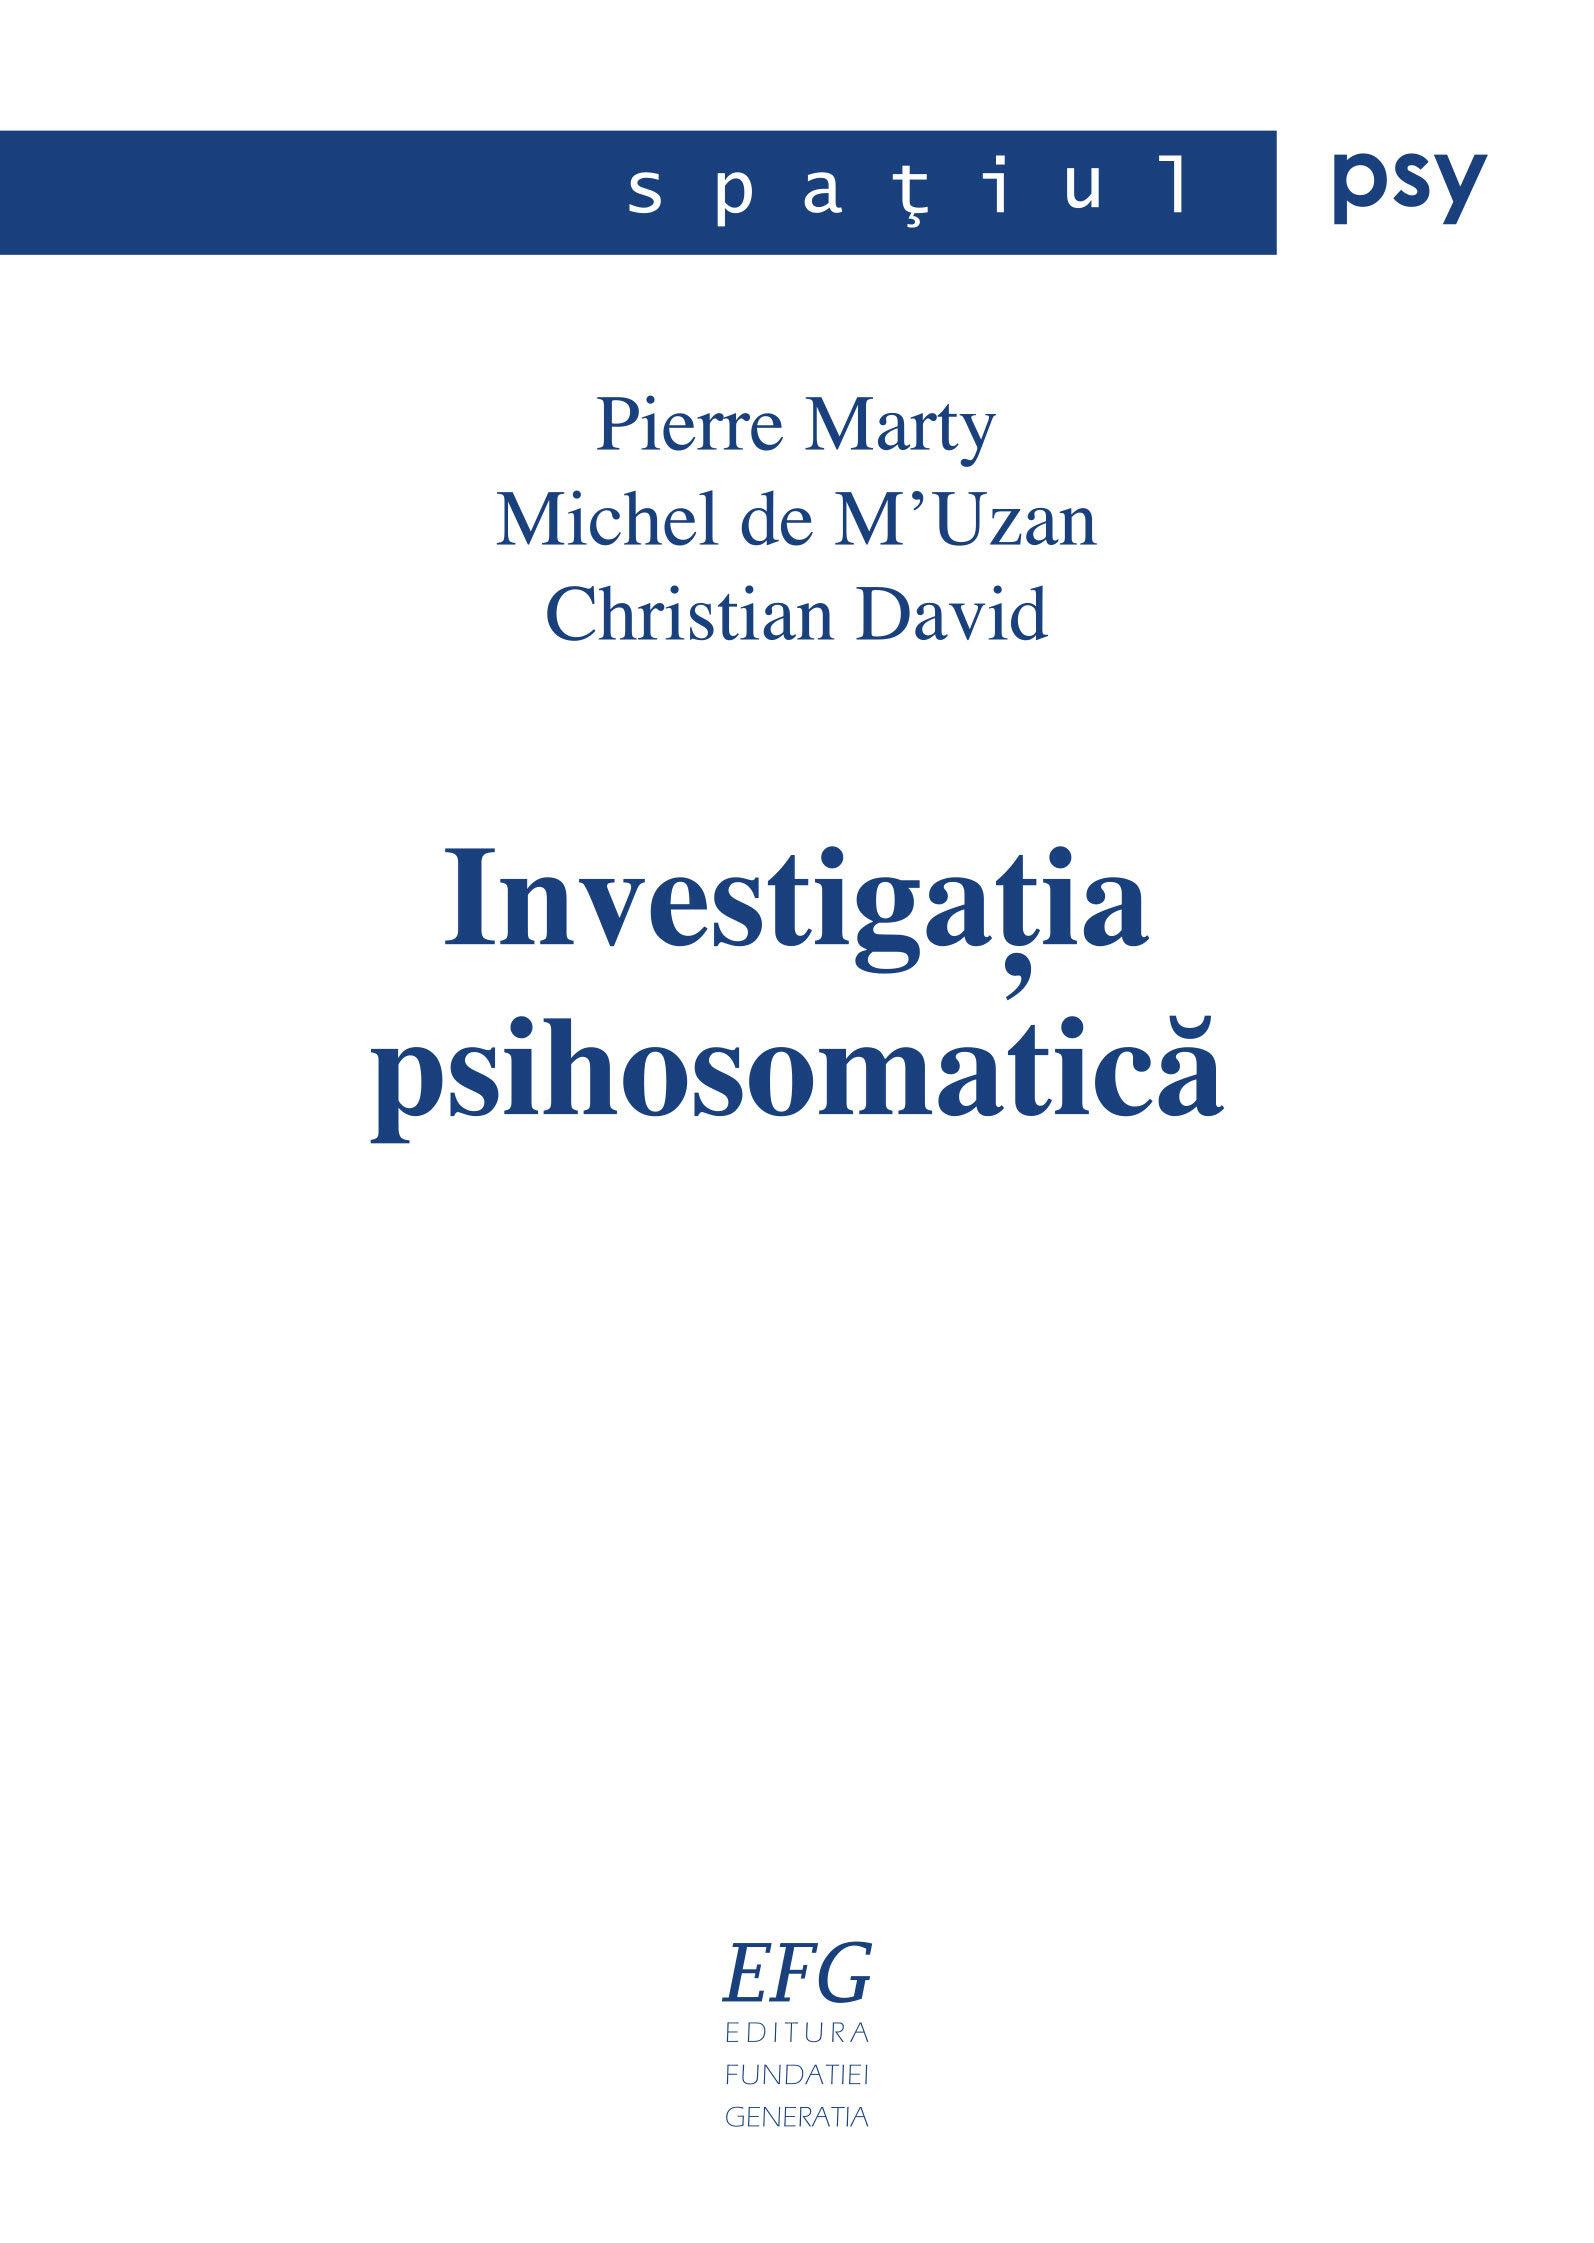 Pierre Marty, Michel de M'Uzan, Christian David – Investigația psihosomatică: Șapte observații clinice